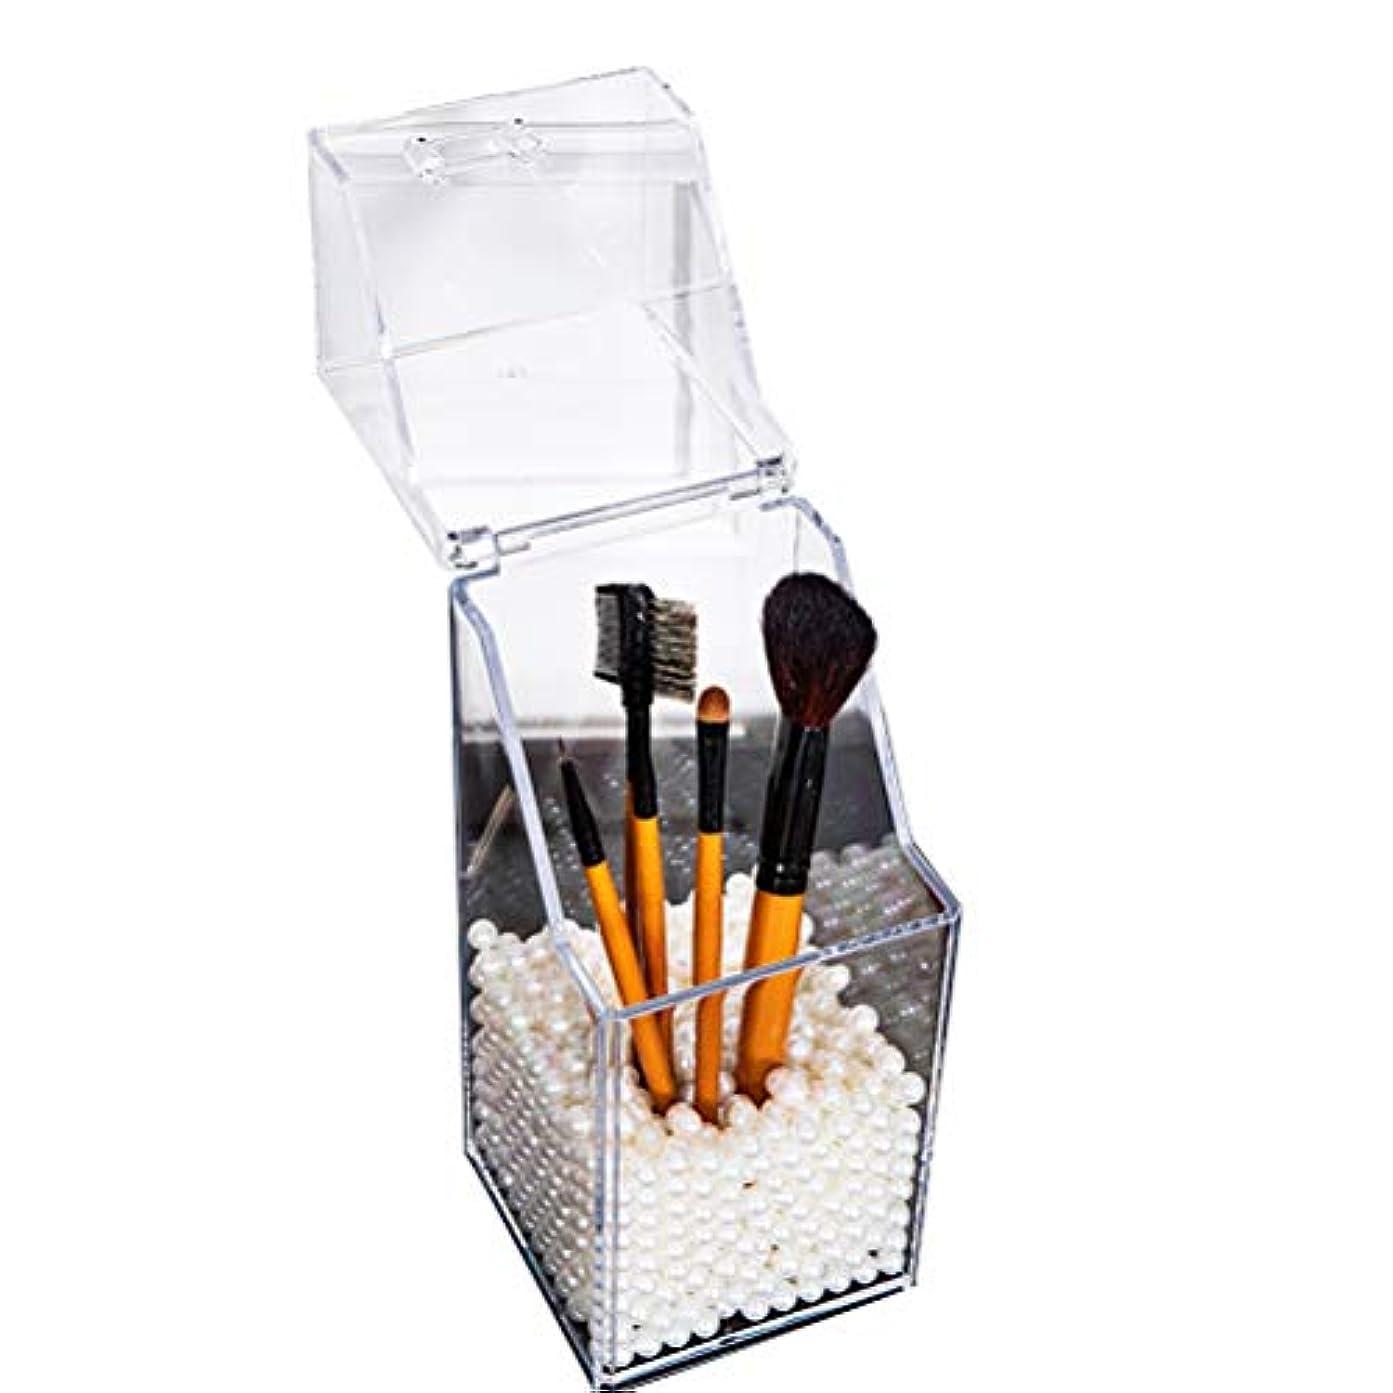 老人マスク告白する[YEMOCILE] メイクボックス レディース ふた付き メイクブラシ 化粧品入れ 収納 透明 引き出し小物 アクリル製 真珠 高品質 ホワイト